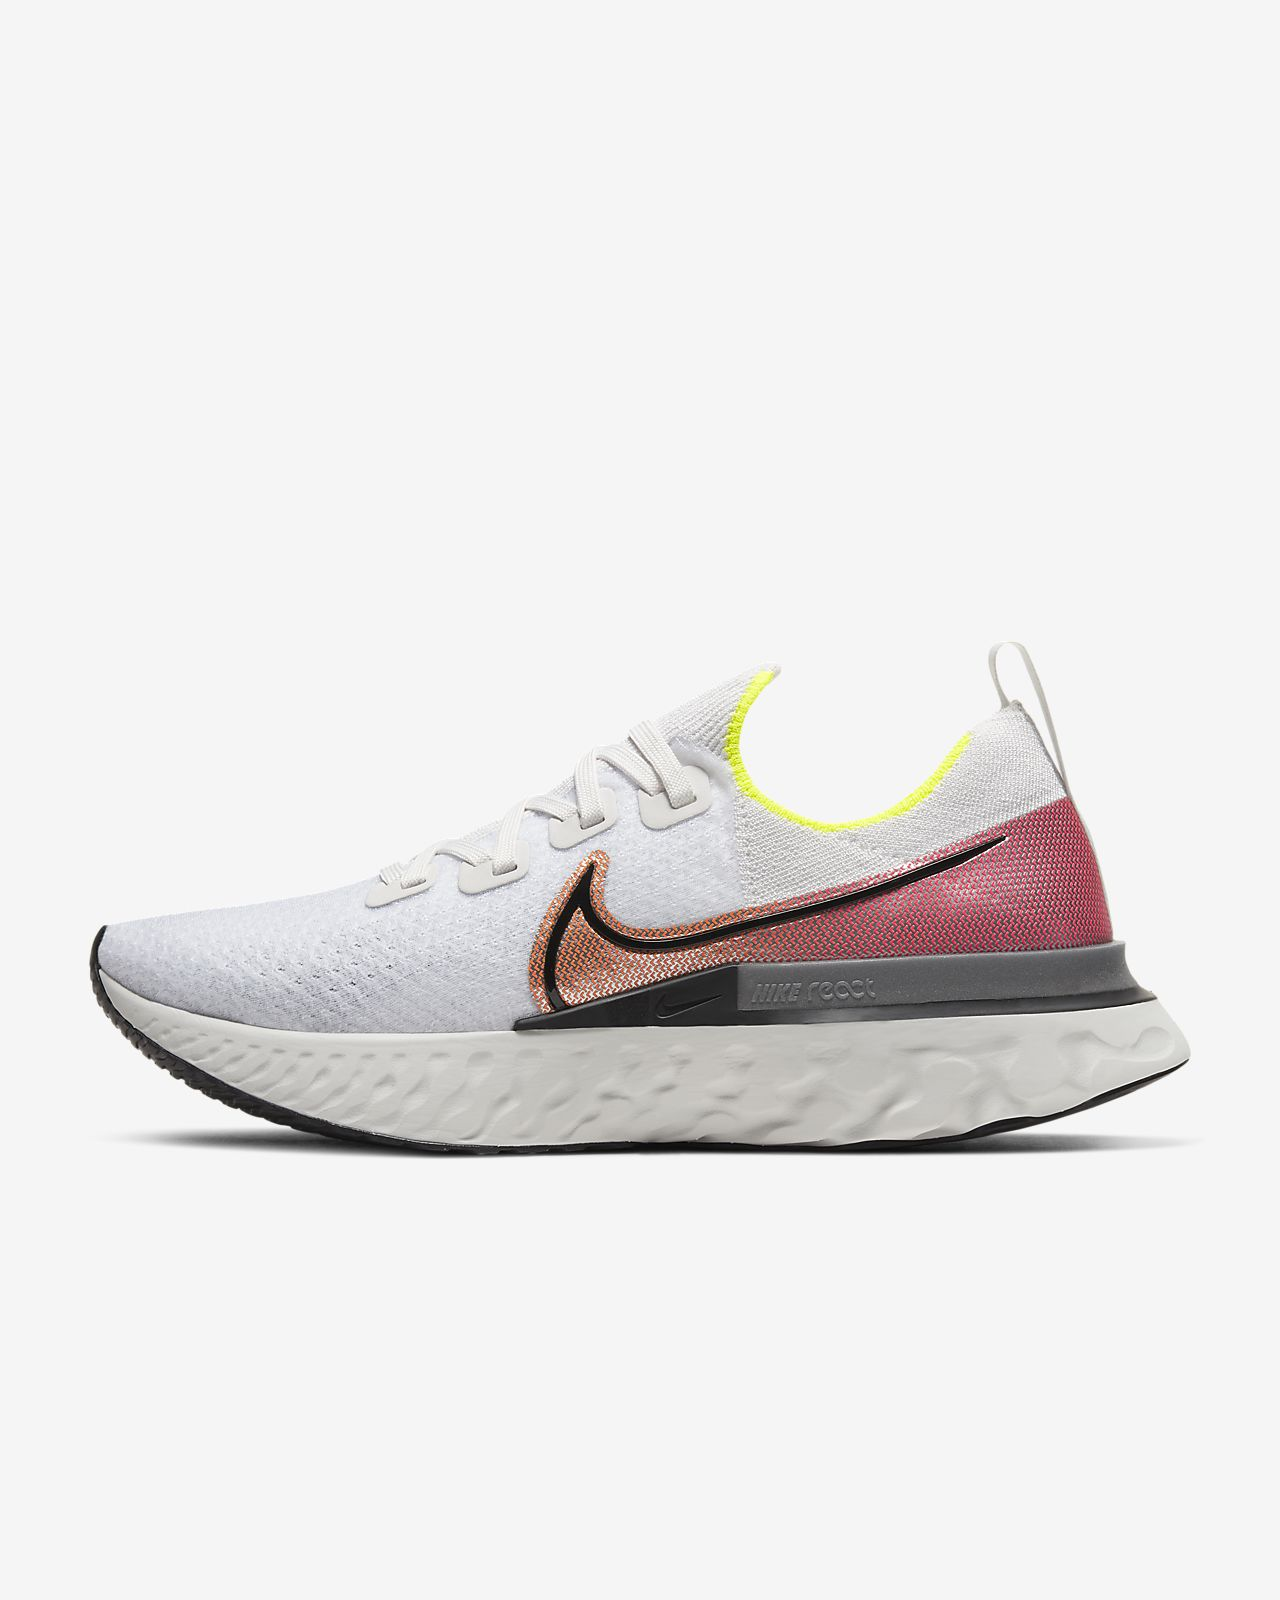 Nike Zoom Pegasus Turbo 2, dame. Löplabbet